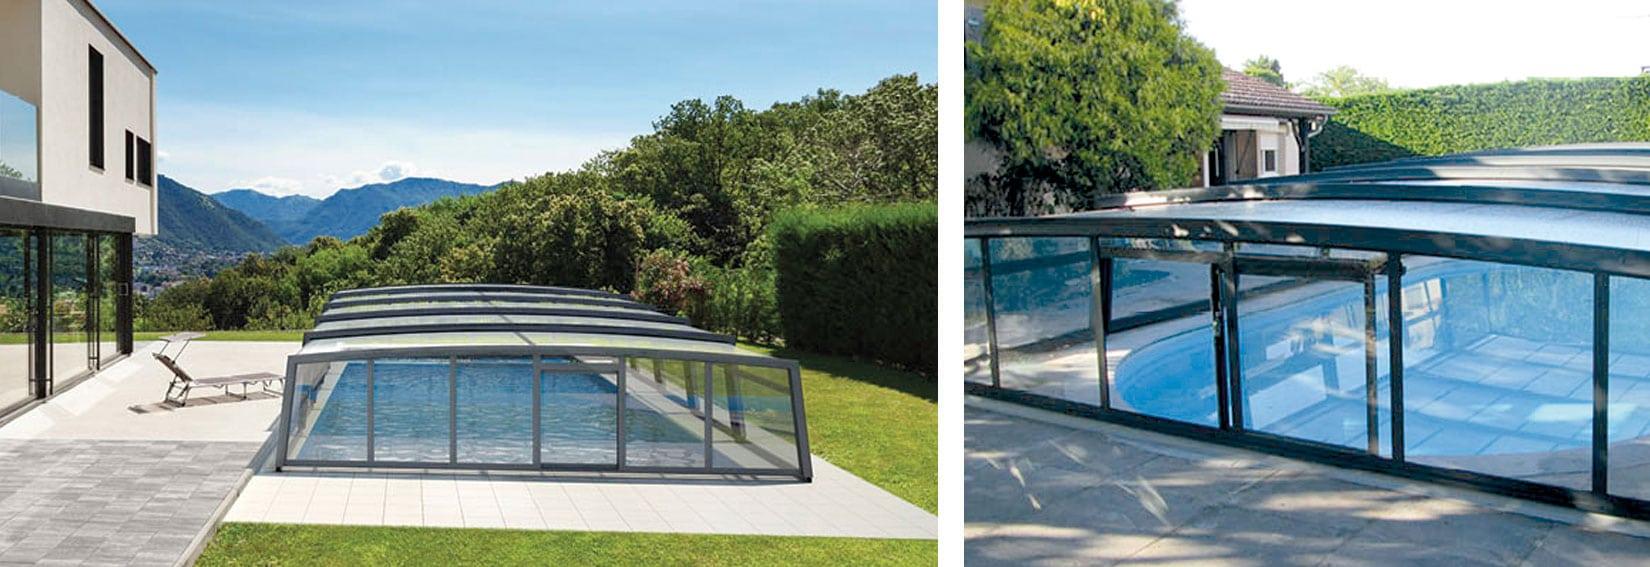 abris-telescopier-r-design Abris piscine